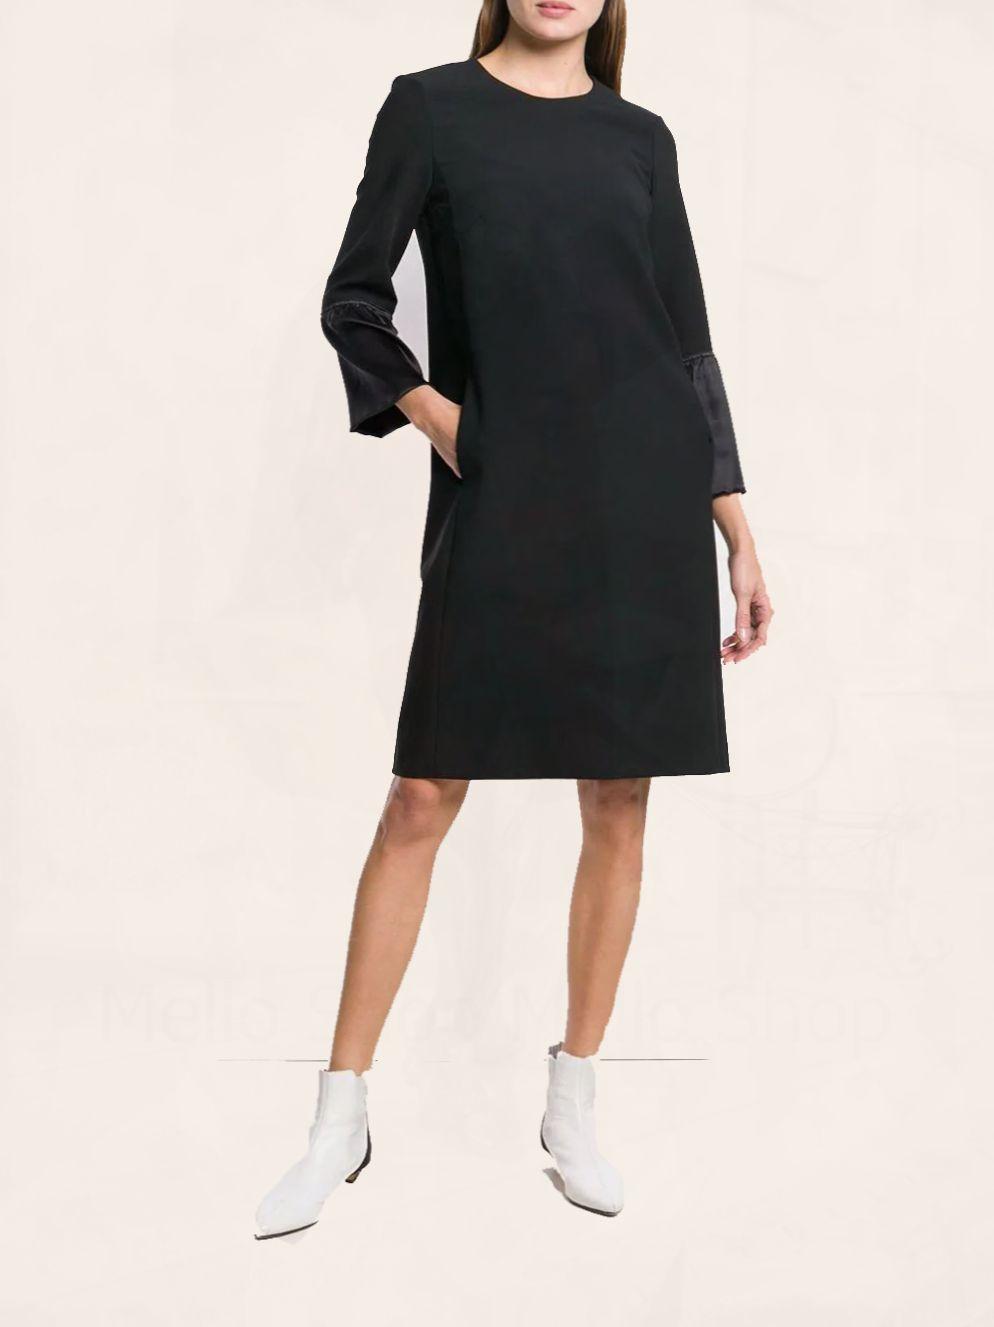 Платья ручной работы. Ярмарка Мастеров - ручная работа. Купить Коктейльное платье футляр. Подходит как для коктейльной вечеринки. Handmade. Платье